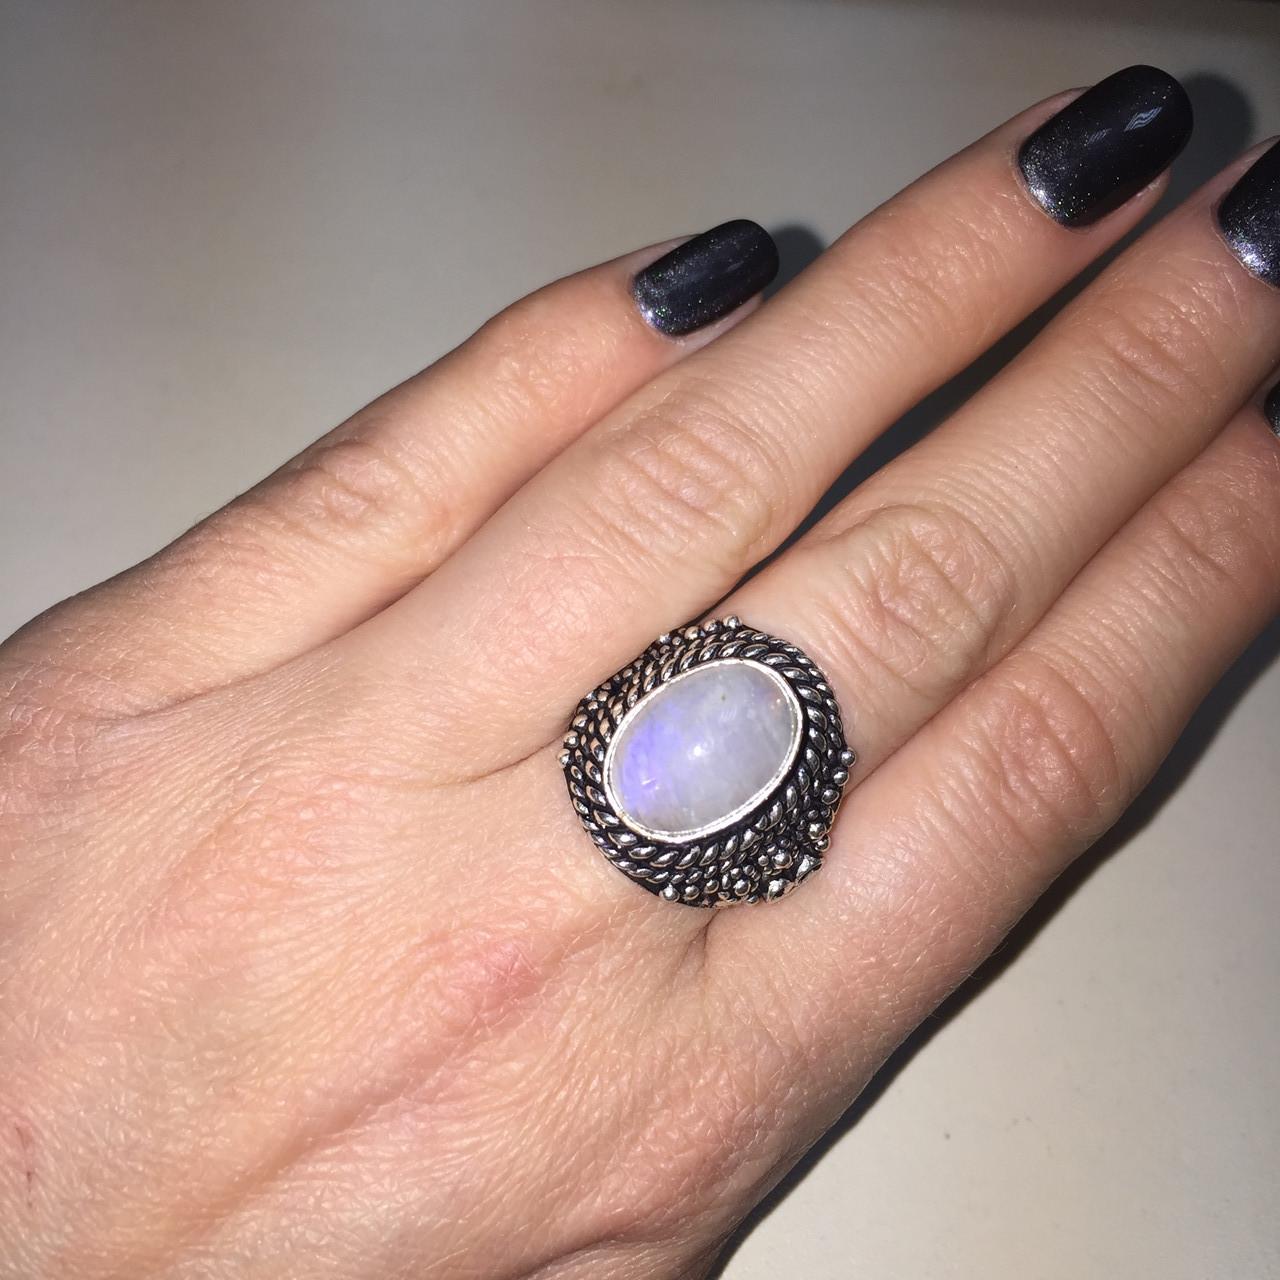 Кольцо лунный камень адуляр в серебре кольцо с лунным камнем 18,5-19 размер Индия